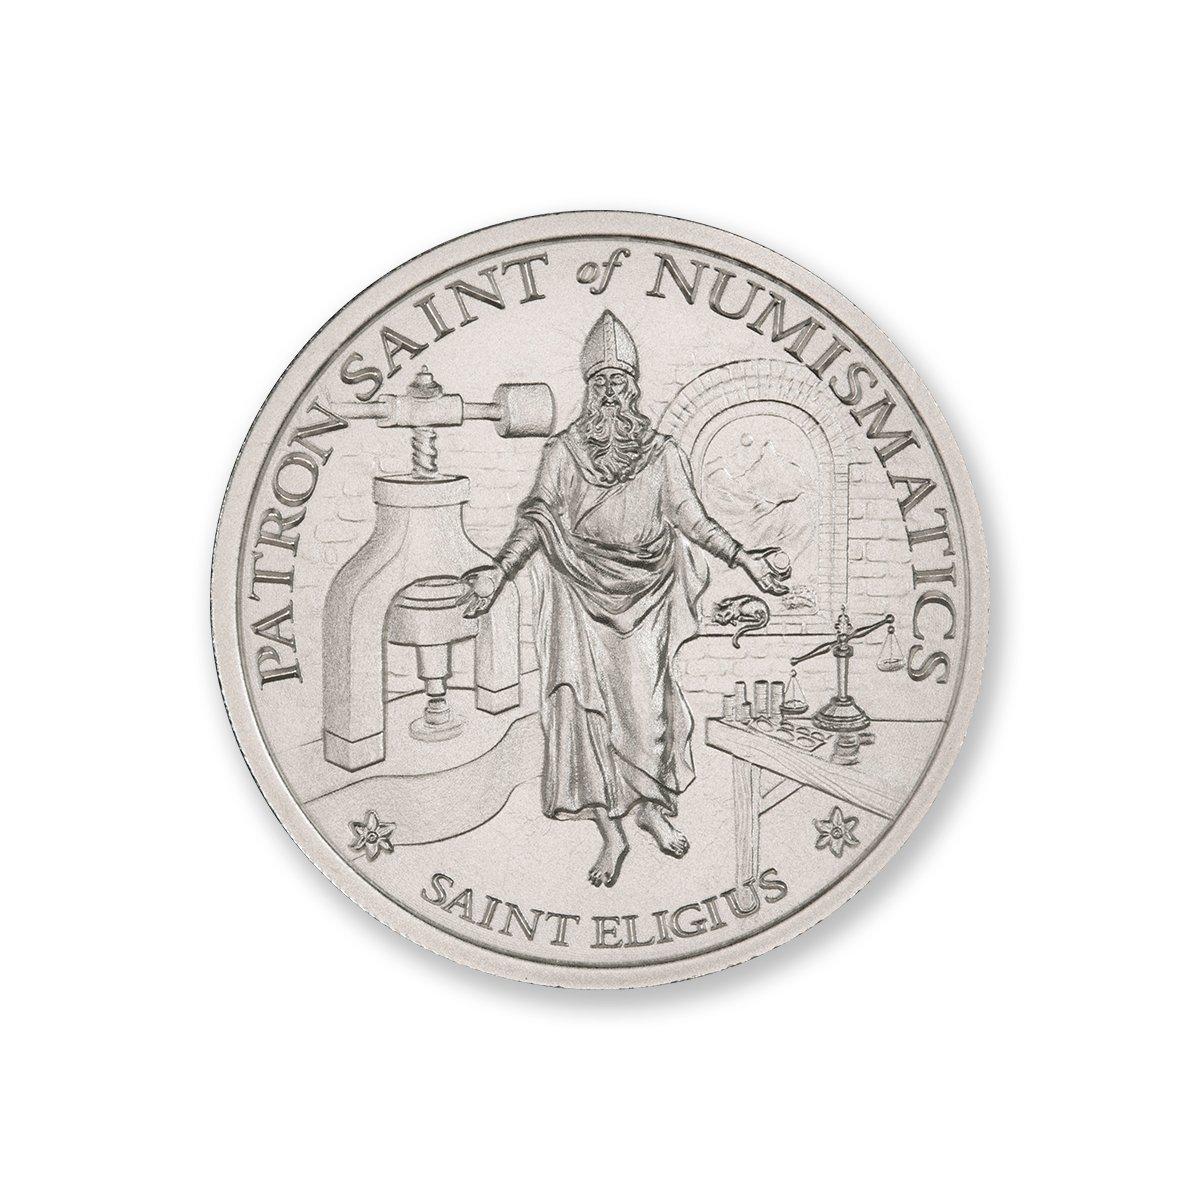 SAINT ELIGIUS – 2 TROY OUNCE – 39MM